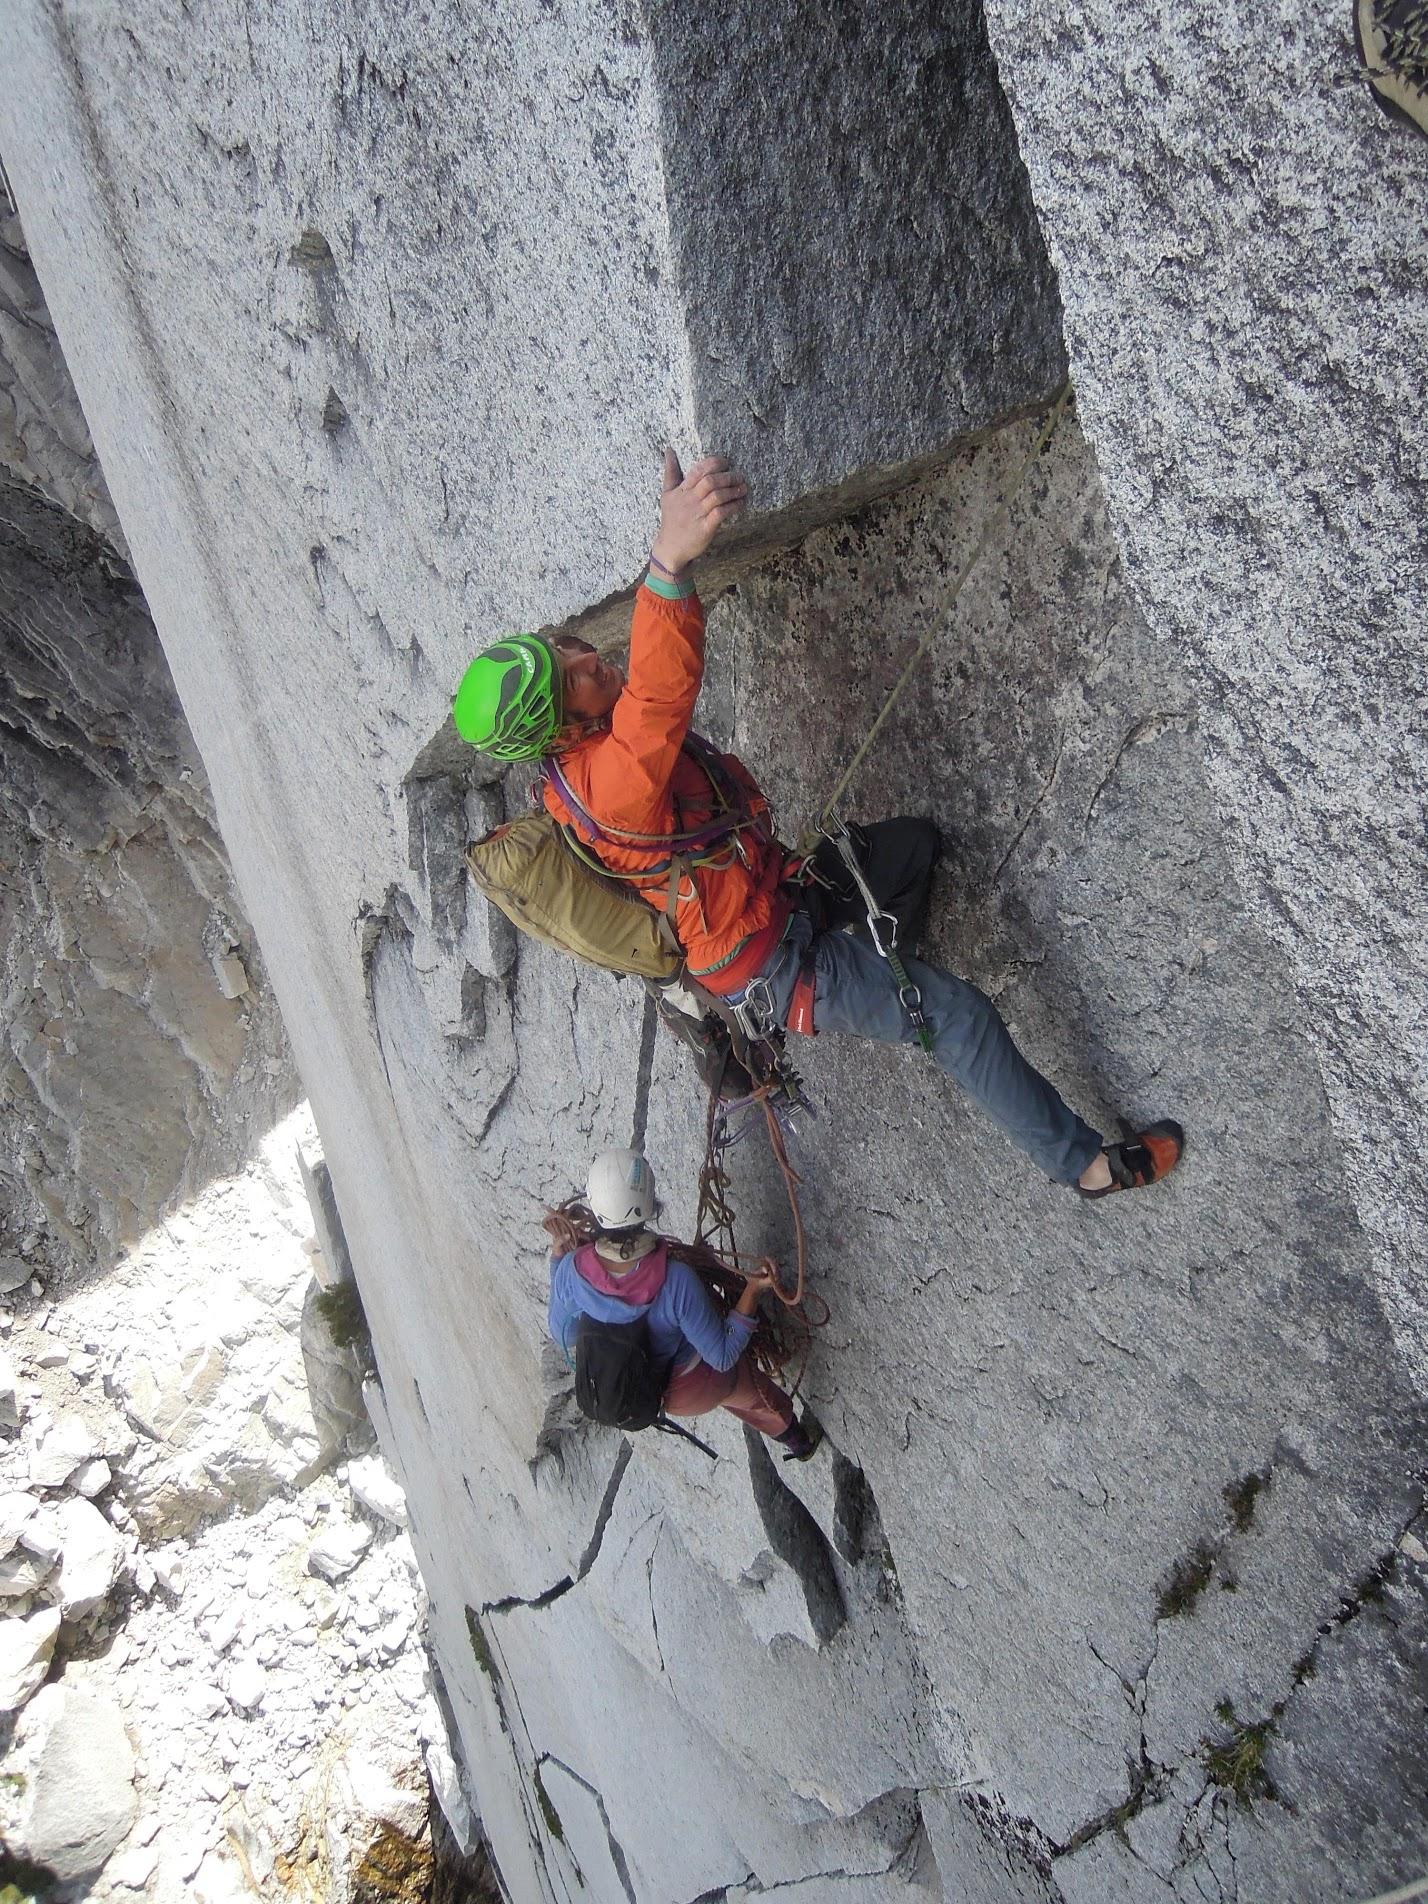 Arrancando el 3° largo de Al Centro y Adentro (5.11d 450 m) en la Pared Atardecer en el Anfiteatro. © J.B. Haab